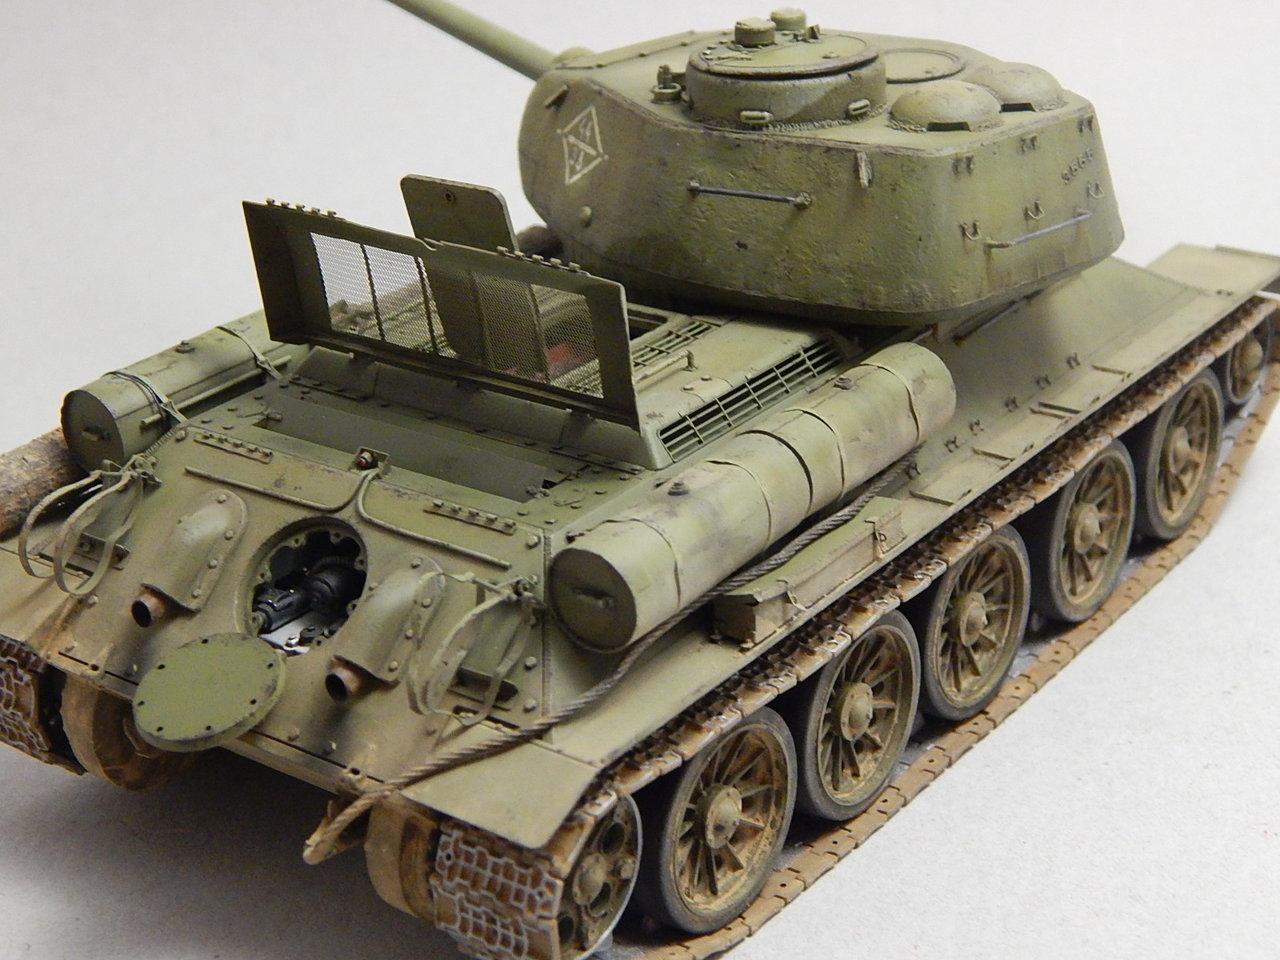 """""""Т-34/85. 1-я Гвардейская танковая армия, 11-й Гвардейский корпус, 44-я Гвардейская бригада."""" Берлин 1945 г. DSCN3036"""